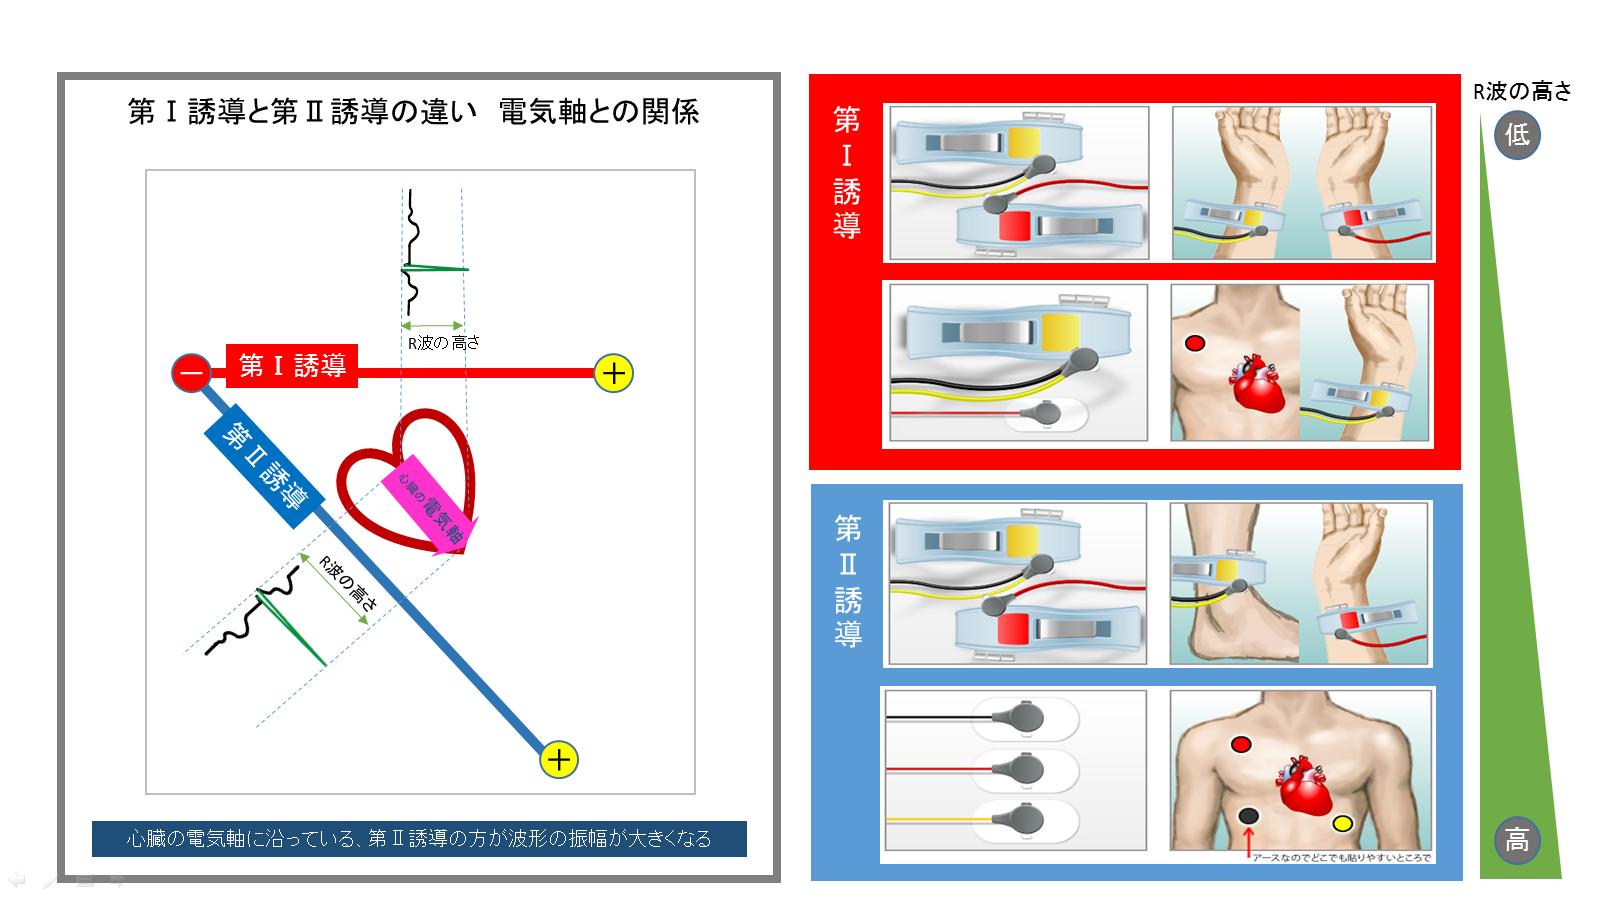 Ⅱ誘導Ⅰ誘導の違い電気軸との関係